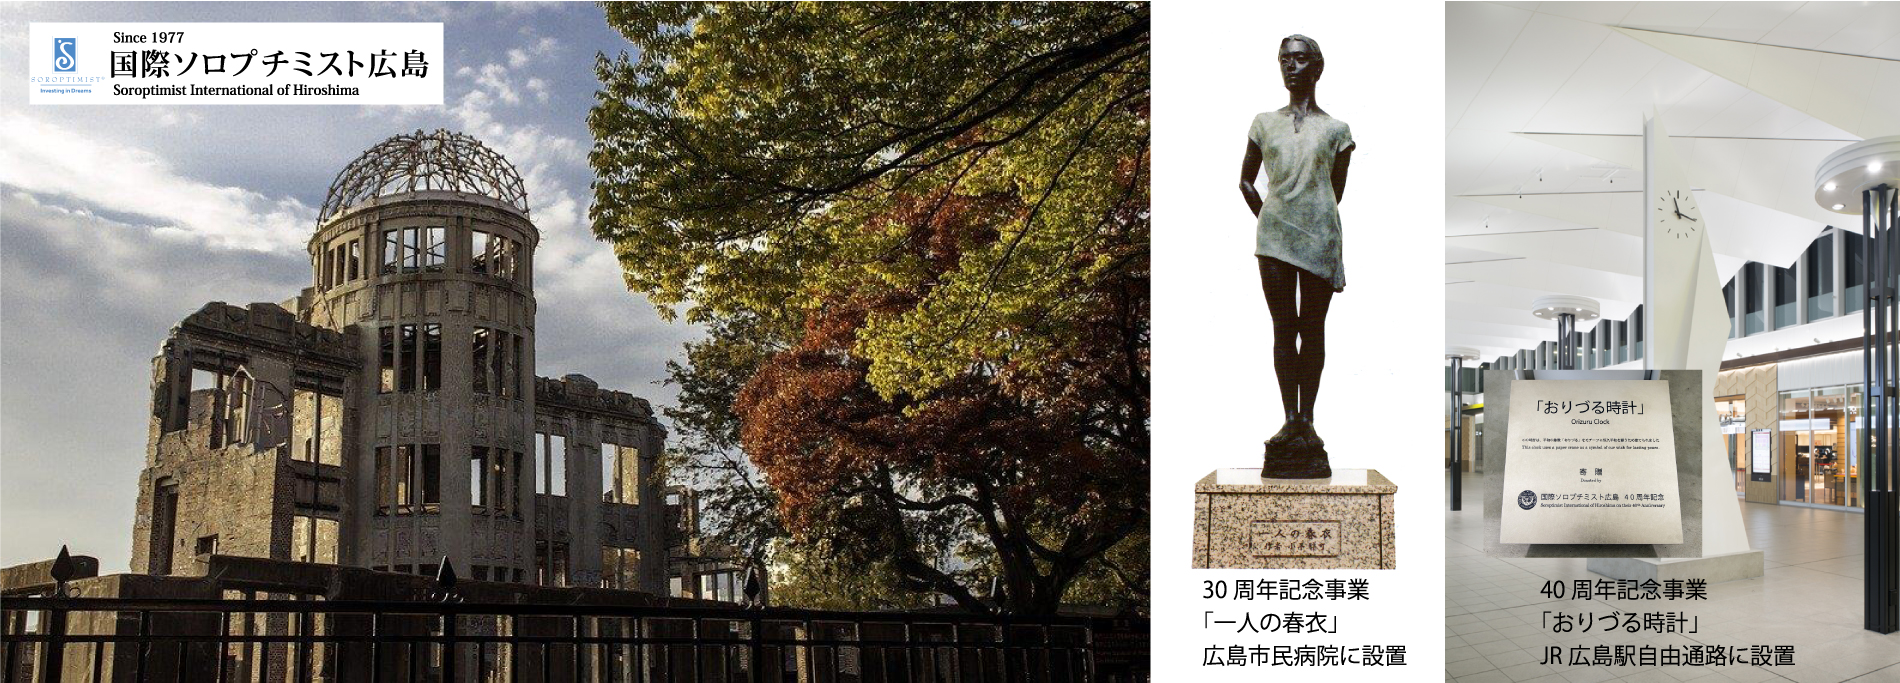 国際ソロプチミスト広島認証40周年記念祝宴